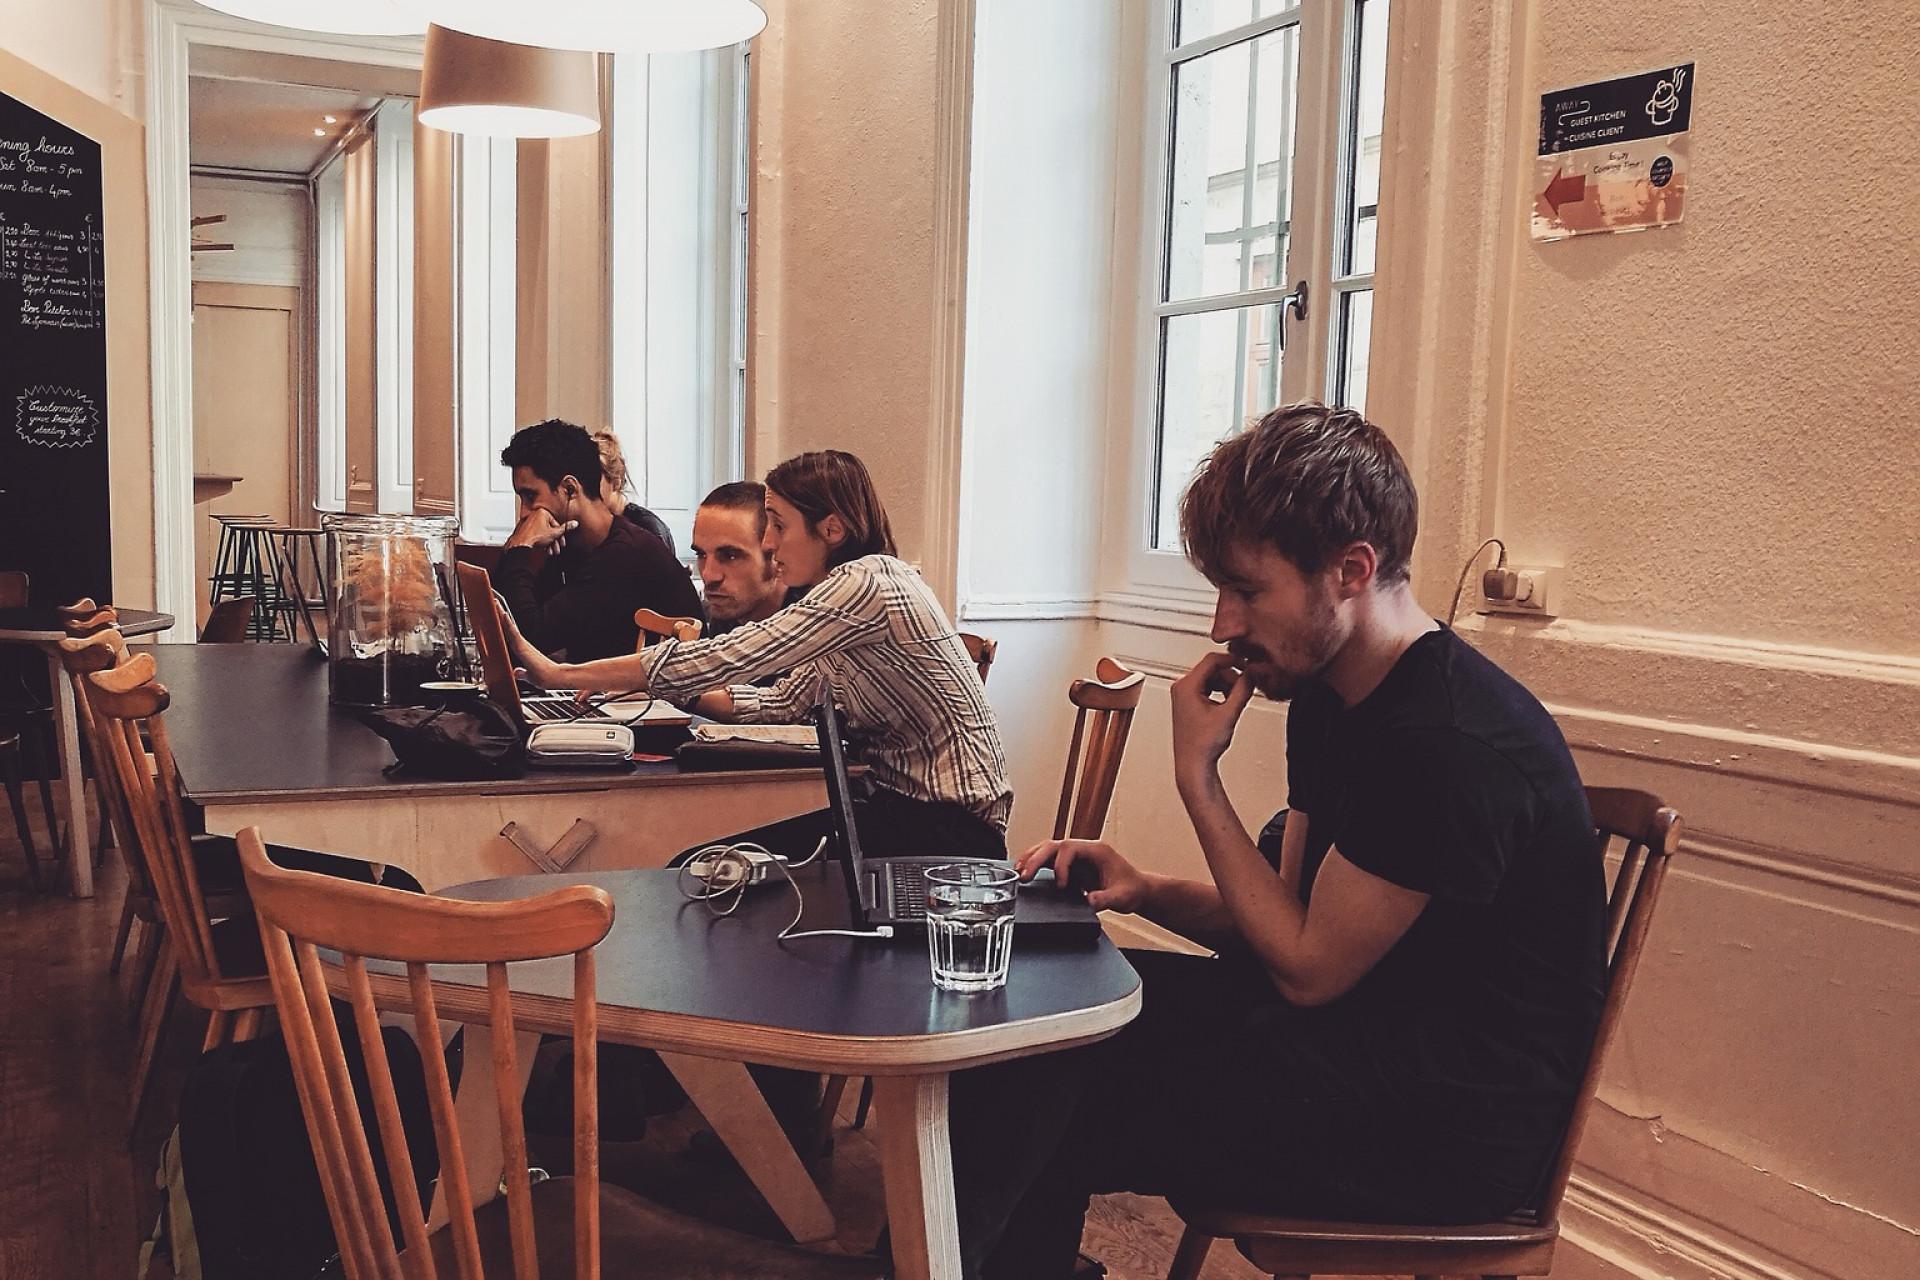 Praca zdalna nie musi odbywać się w domu, część tak pracujących wykonuje obowiązki w coworkach lub np. kawiarenkach. (fot. pixabay.com)